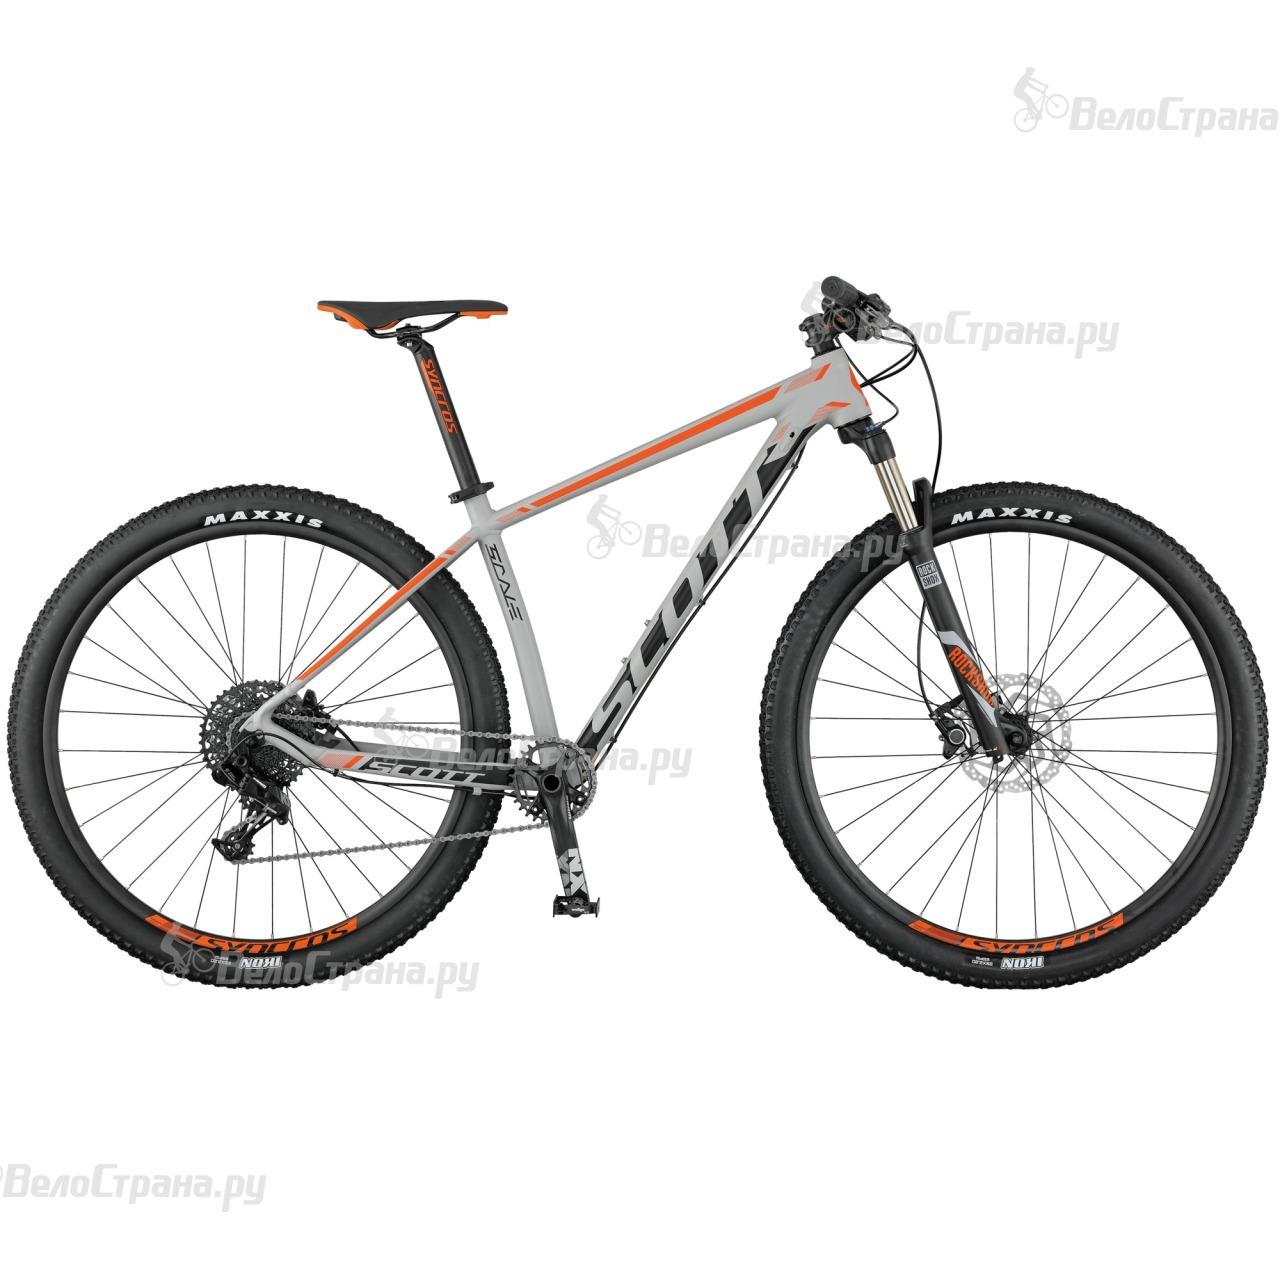 Велосипед Scott Scale 765 (2017) велосипед scott scale 700 premium 2015